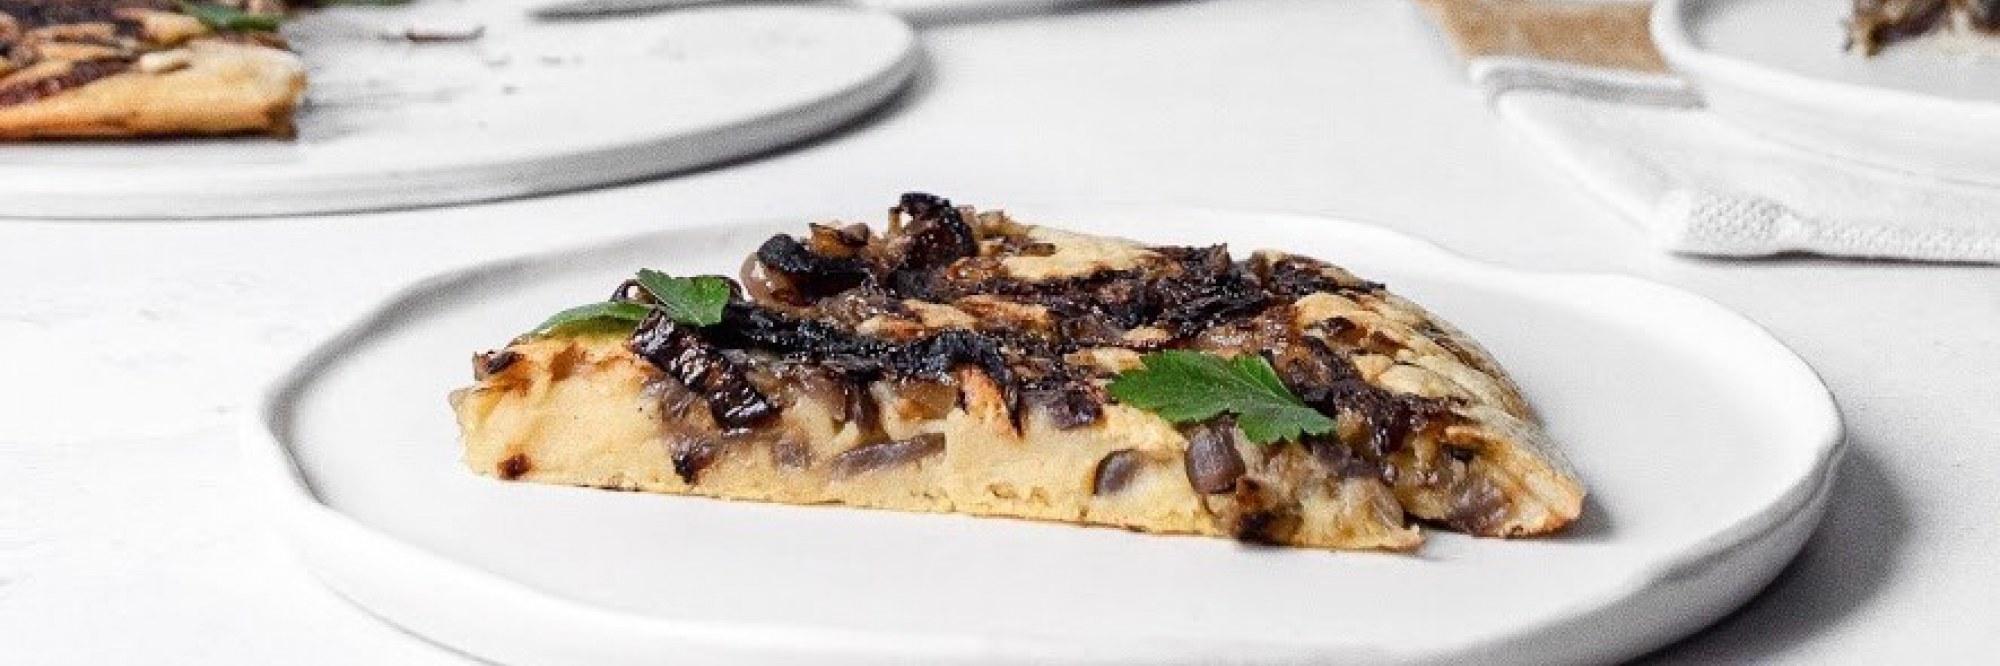 Plantaardige omelet met ui - Luna Trapani